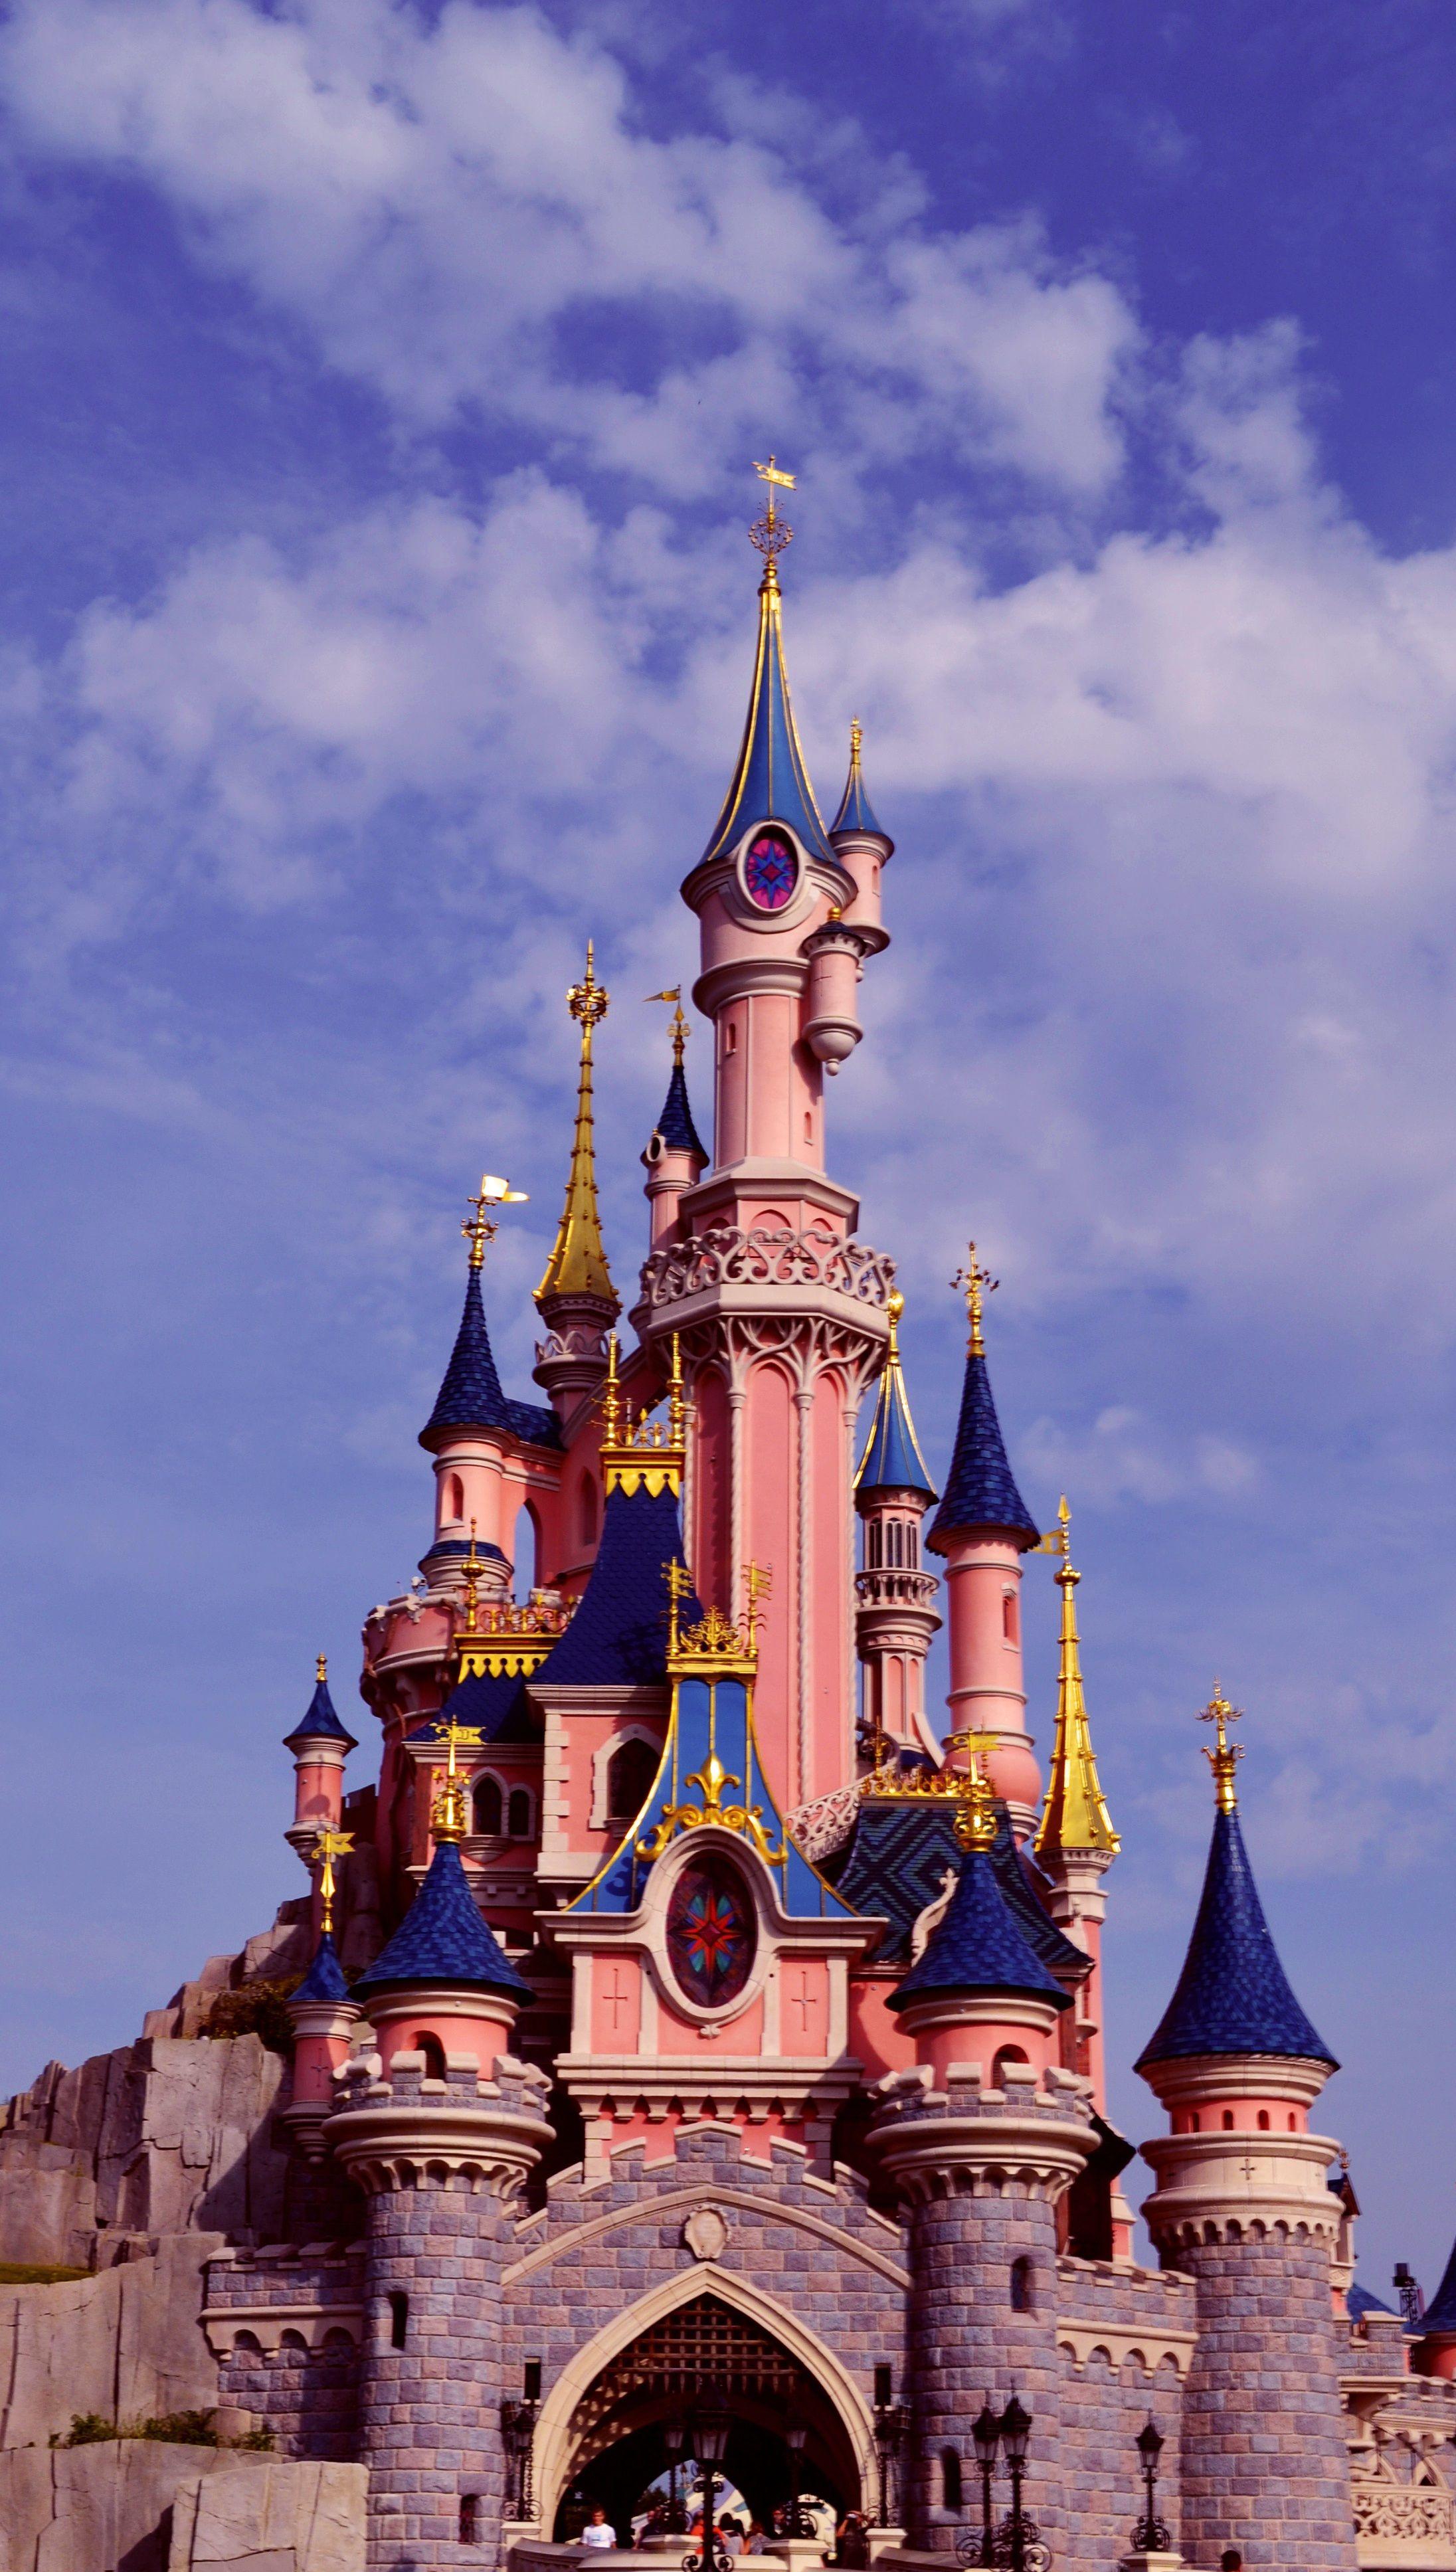 Disneyland in Paris Disney wallpaper, Wallpaper iphone